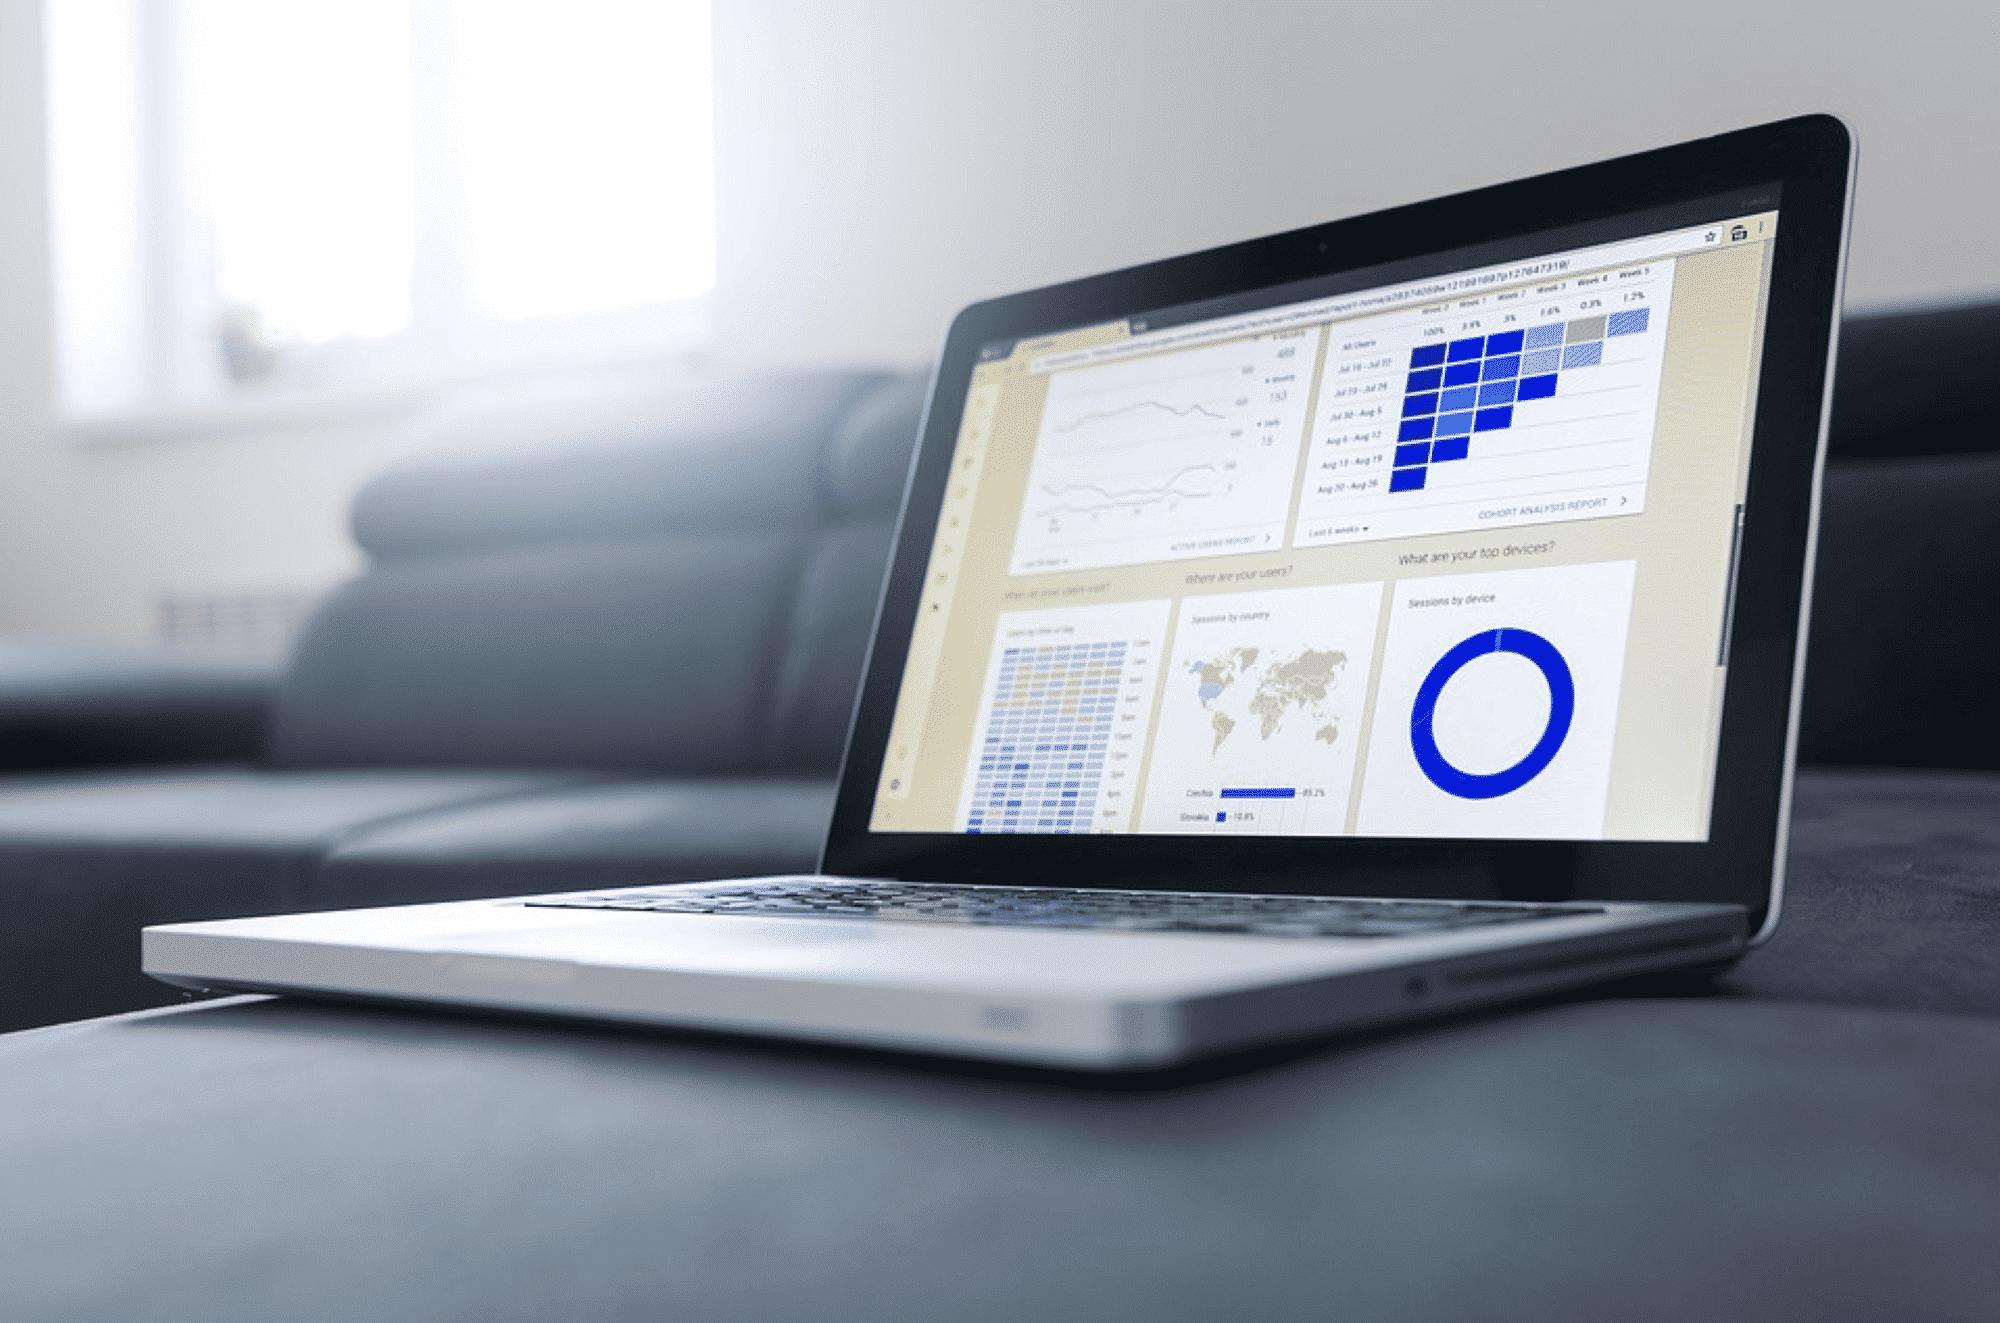 Proces KPI's   een praktische werkmethode   Analytics